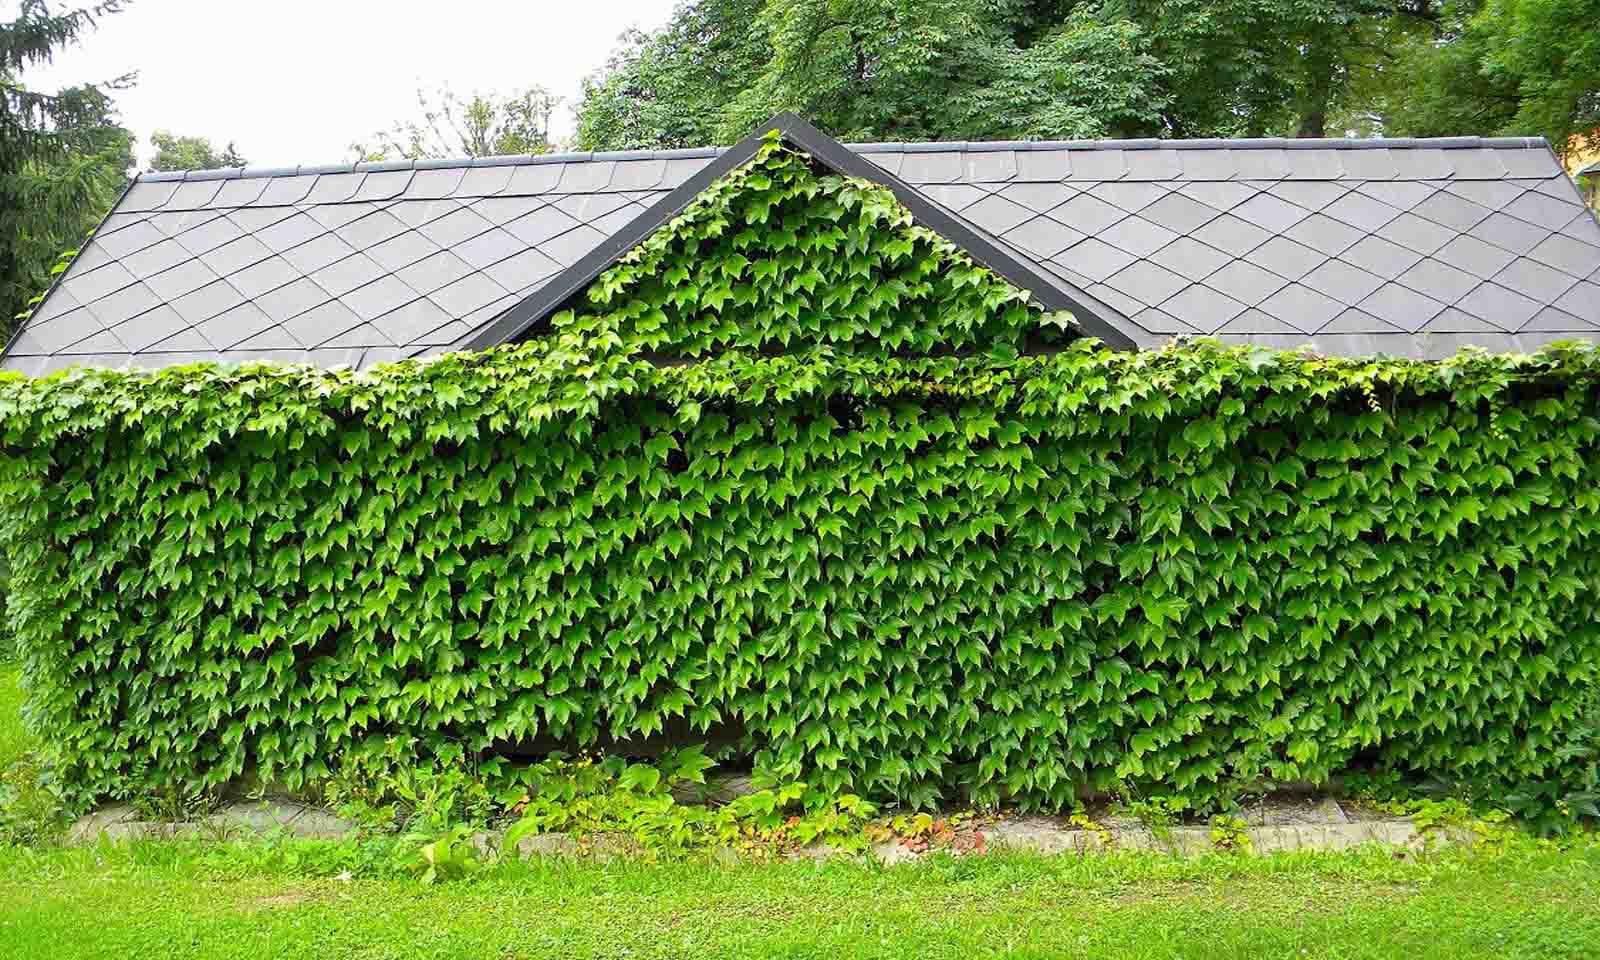 Parthenocissus Tricuspidata 'Veitchii' (Boston Ivy) - Climbing